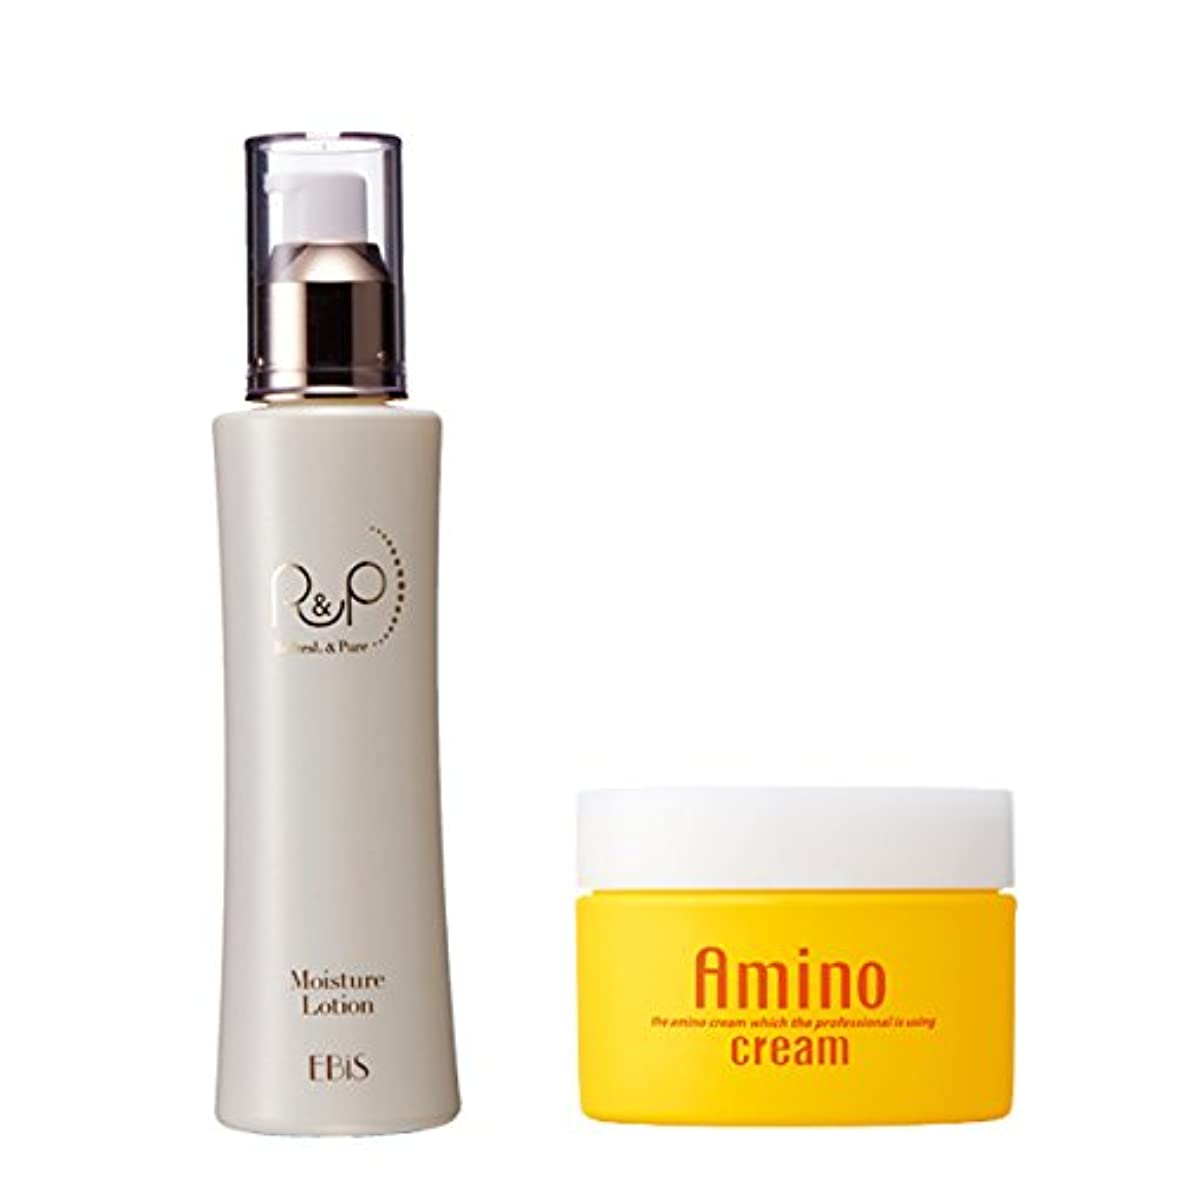 打ち上げる排他的理想的エビス化粧品(EBiS)モイスチャーローション125g & アミノクリーム100g 保湿クリーム 化粧水のセット